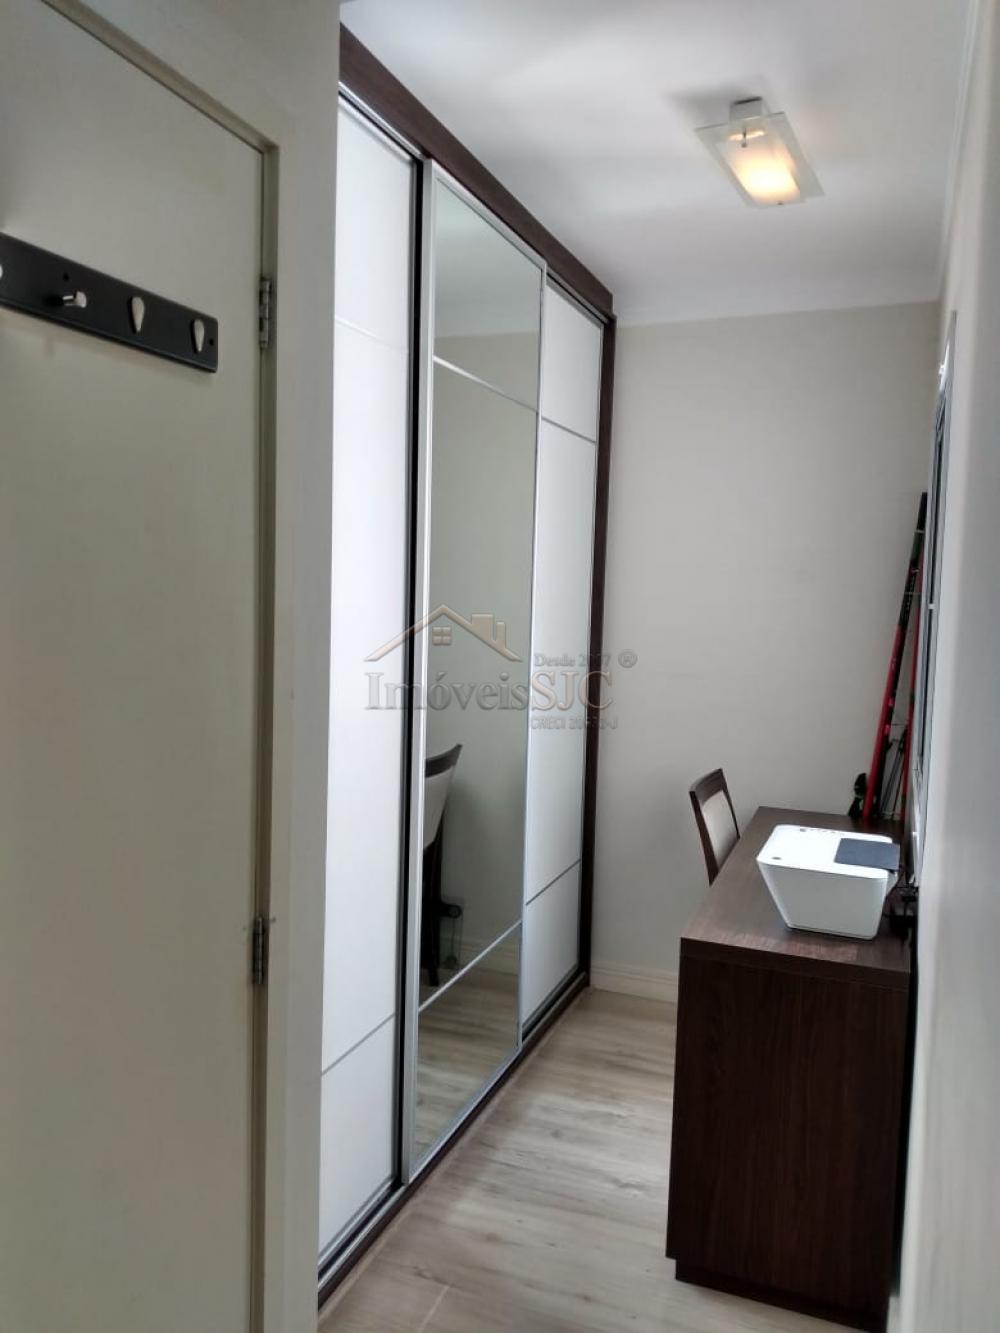 Comprar Apartamentos / Padrão em São José dos Campos apenas R$ 585.000,00 - Foto 17